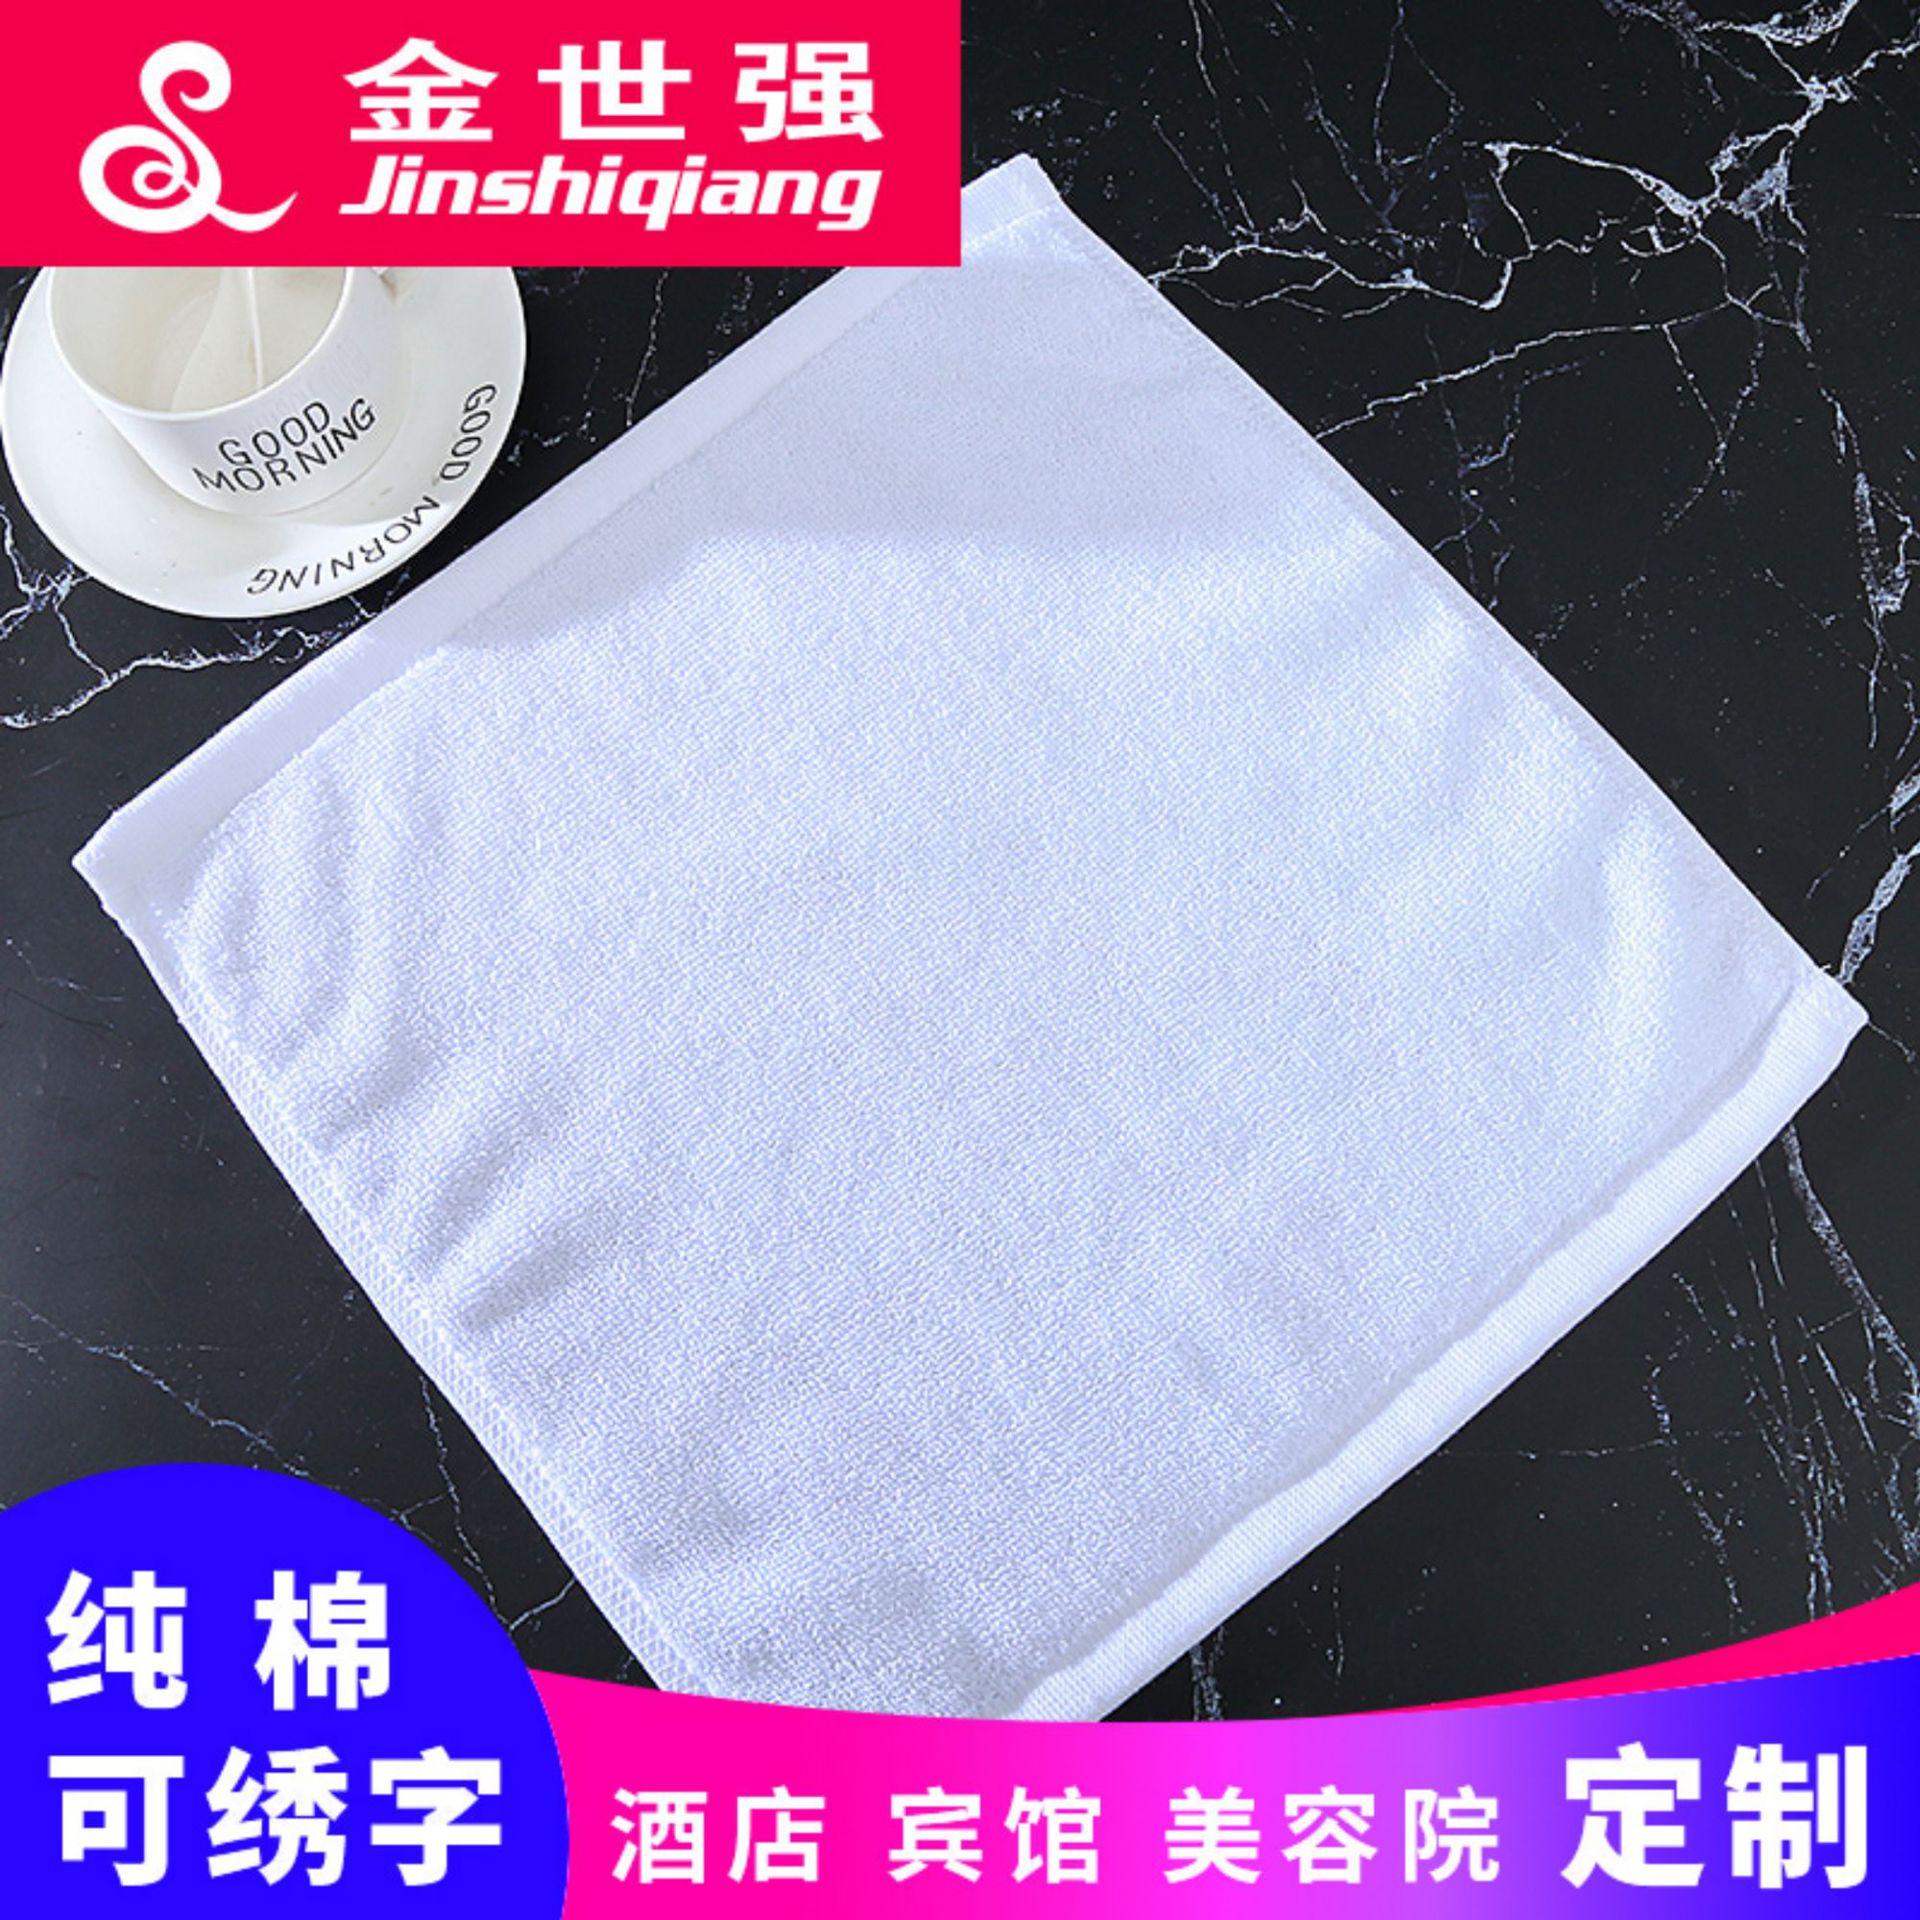 酒店宾馆方巾面巾21股32股厂家批发礼品方巾餐巾幼儿园用小毛巾